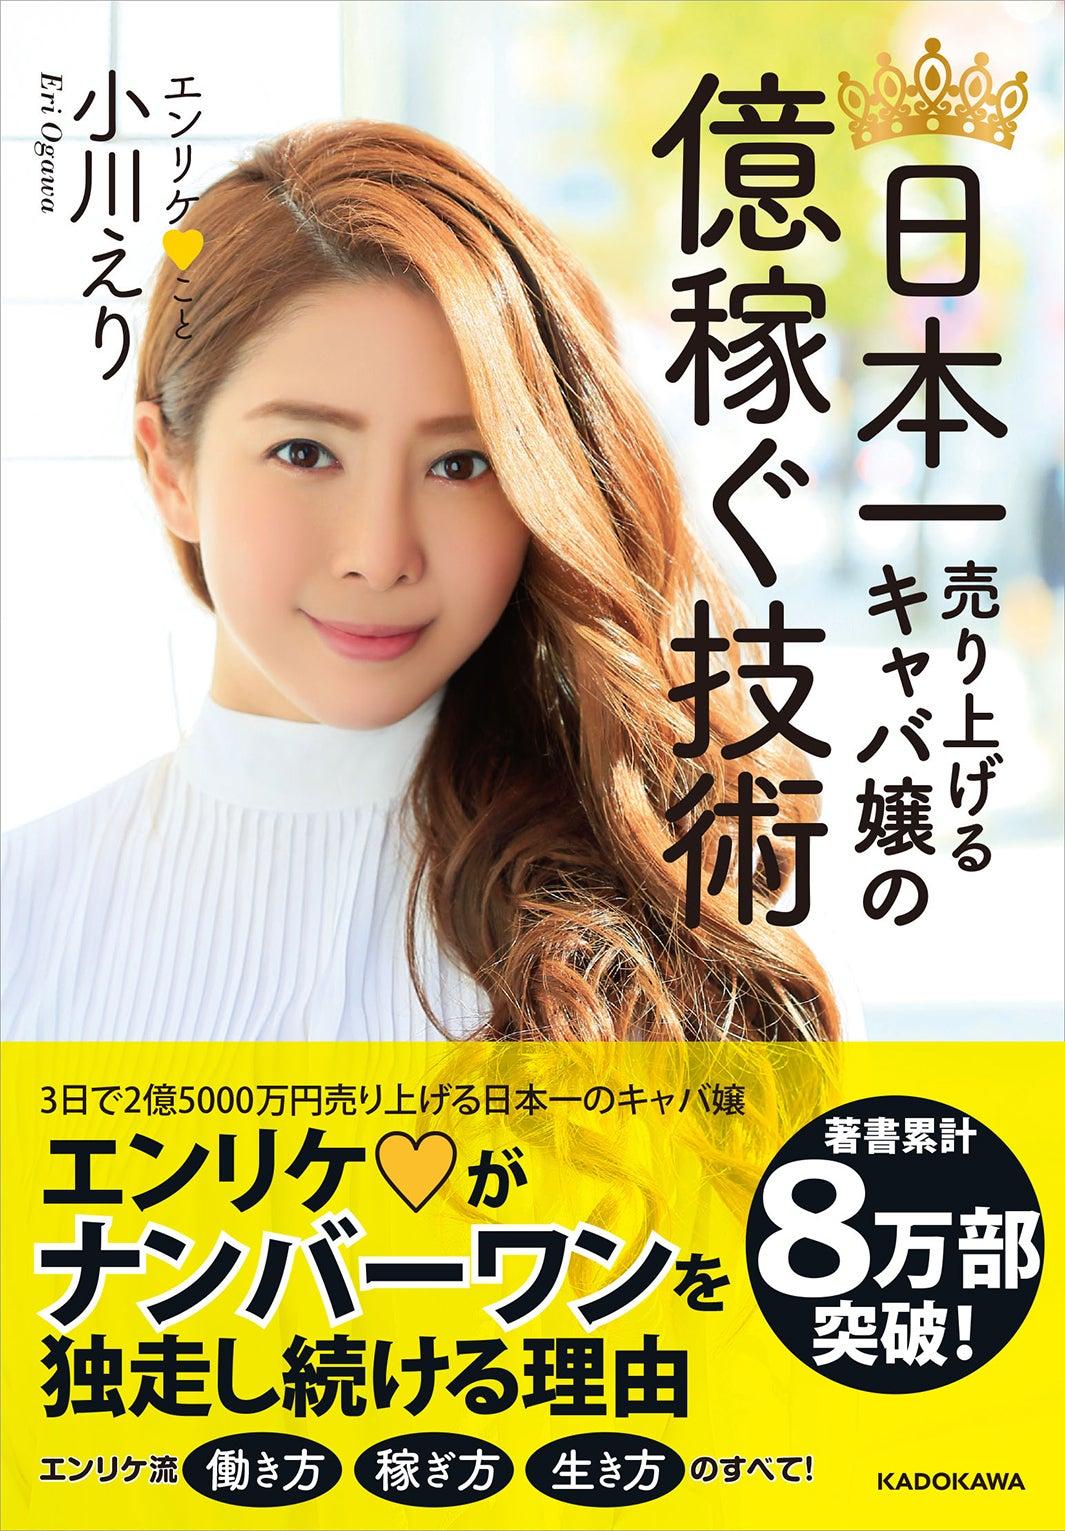 東海No.1キャバ嬢・エンリケ、現役引退を発表 決意の理由明かす